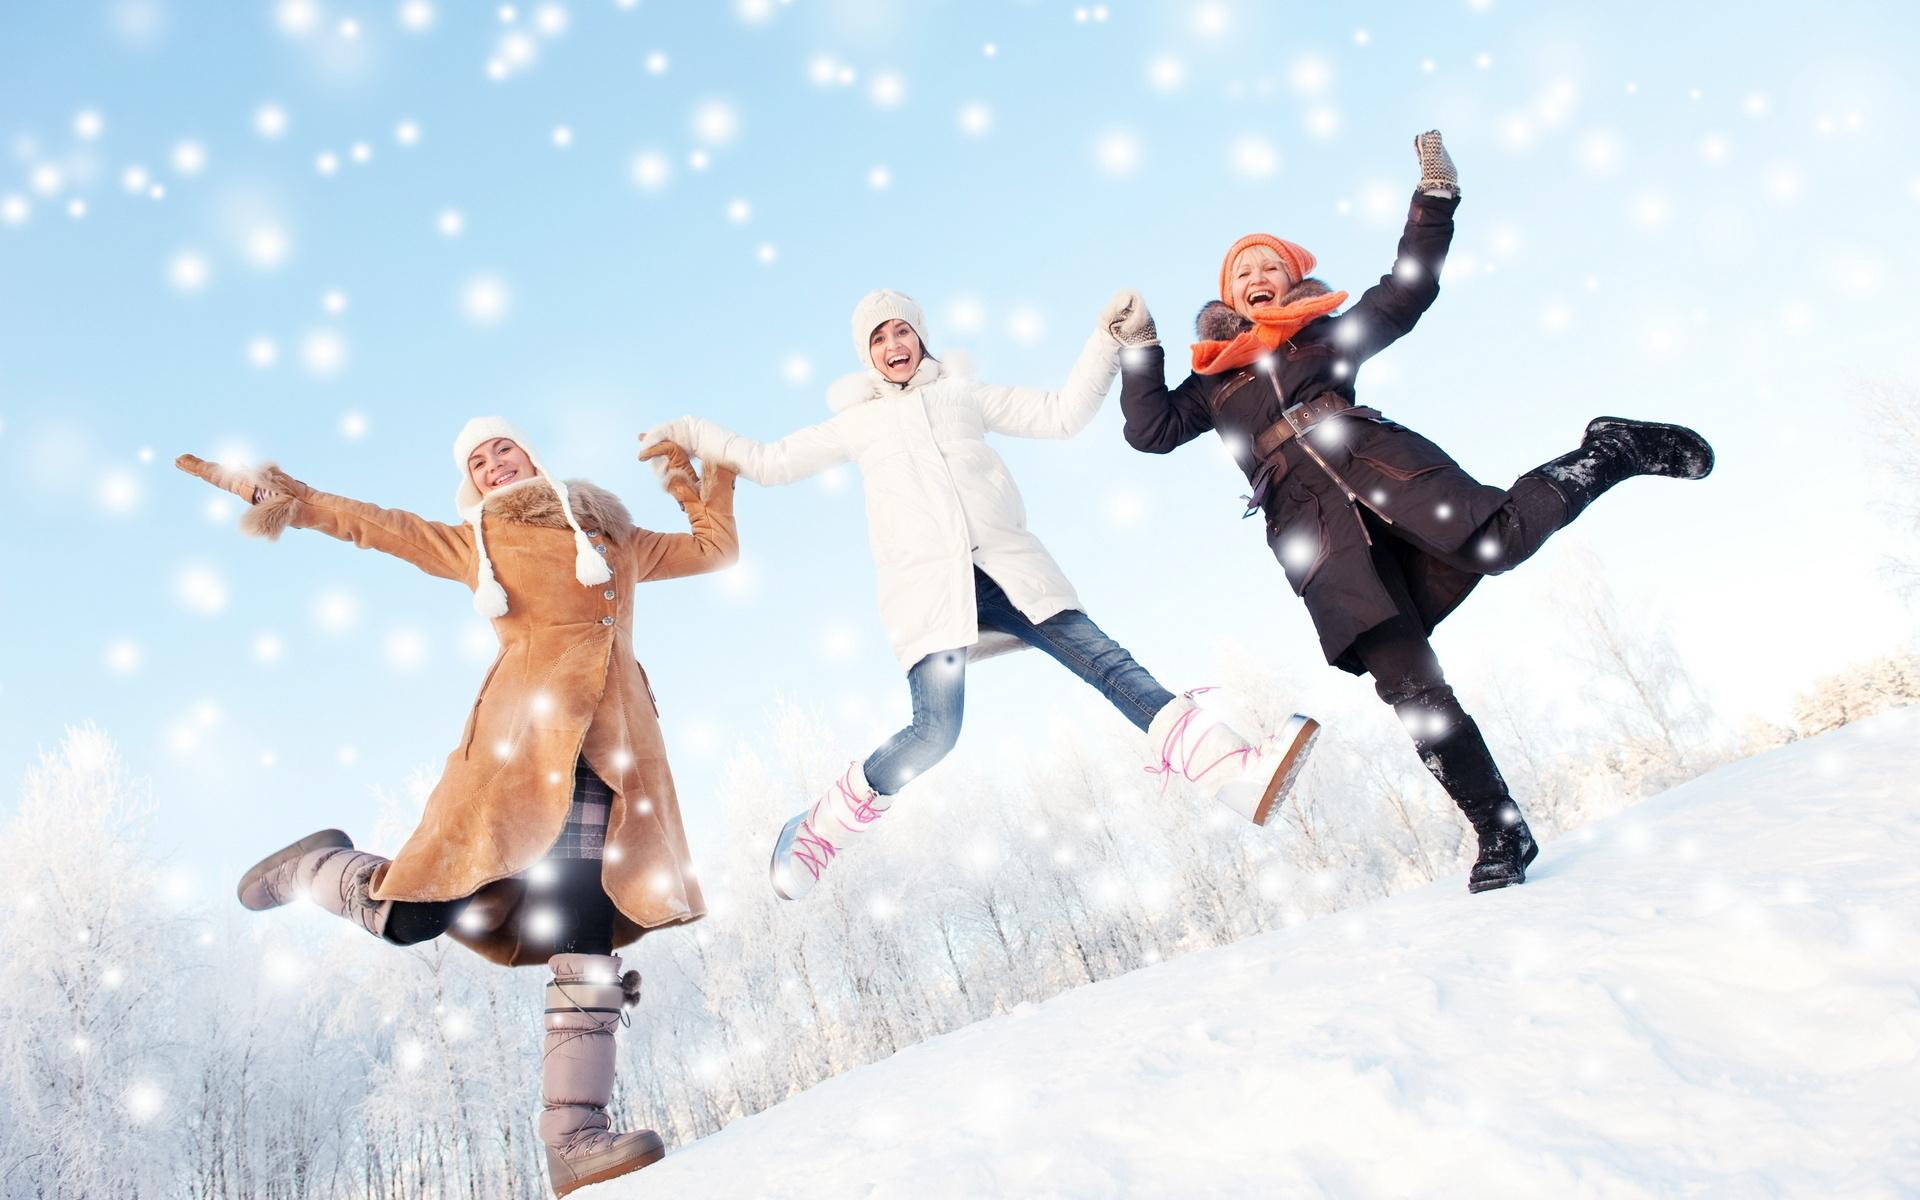 Картинки для поднятия настроения зимний отдых